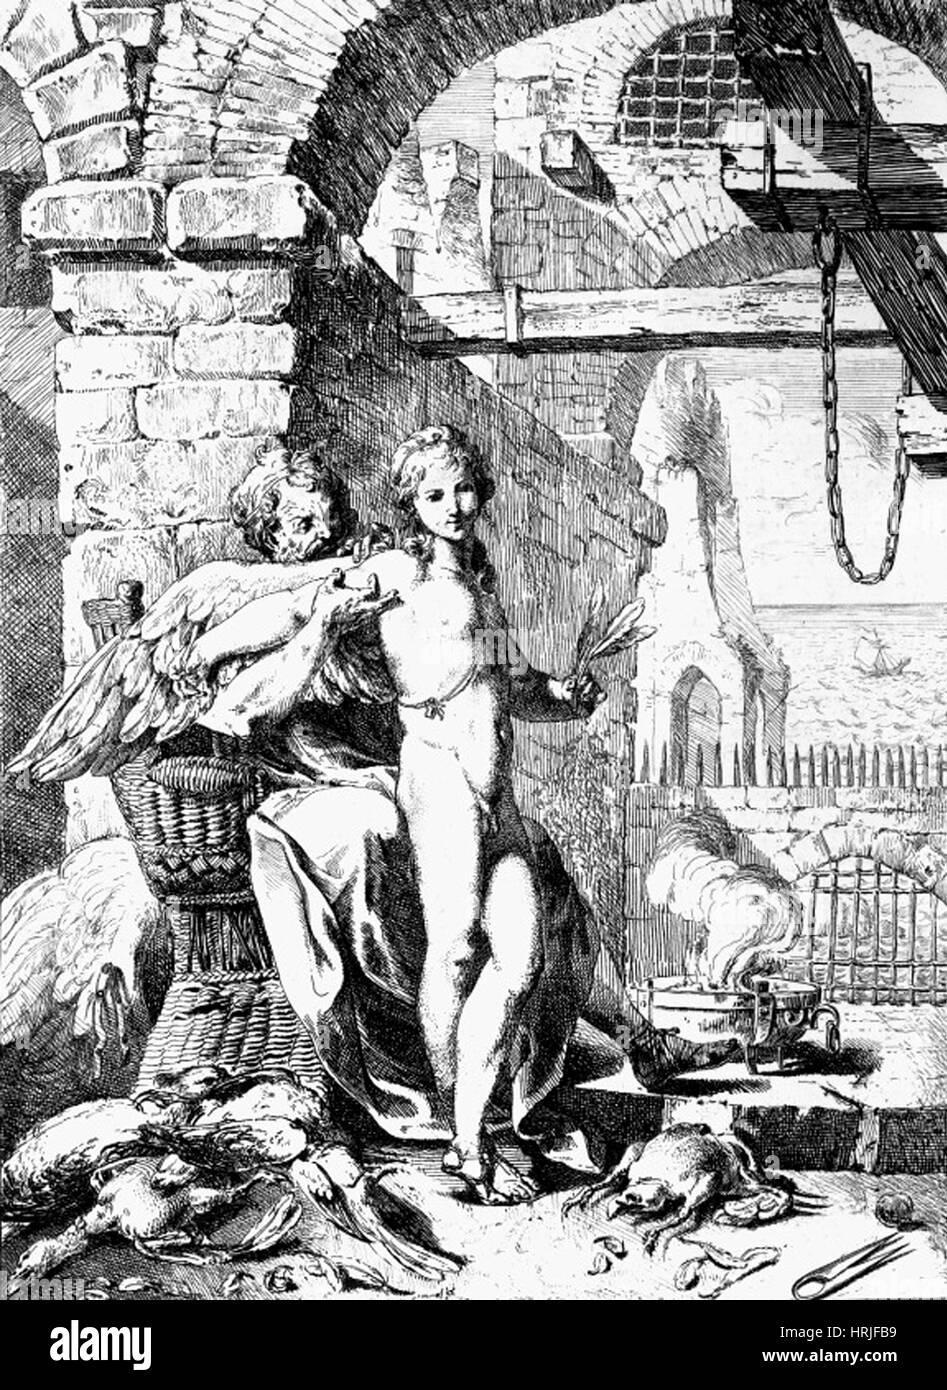 Daedalus et Icarus, mythologie grecque Photo Stock